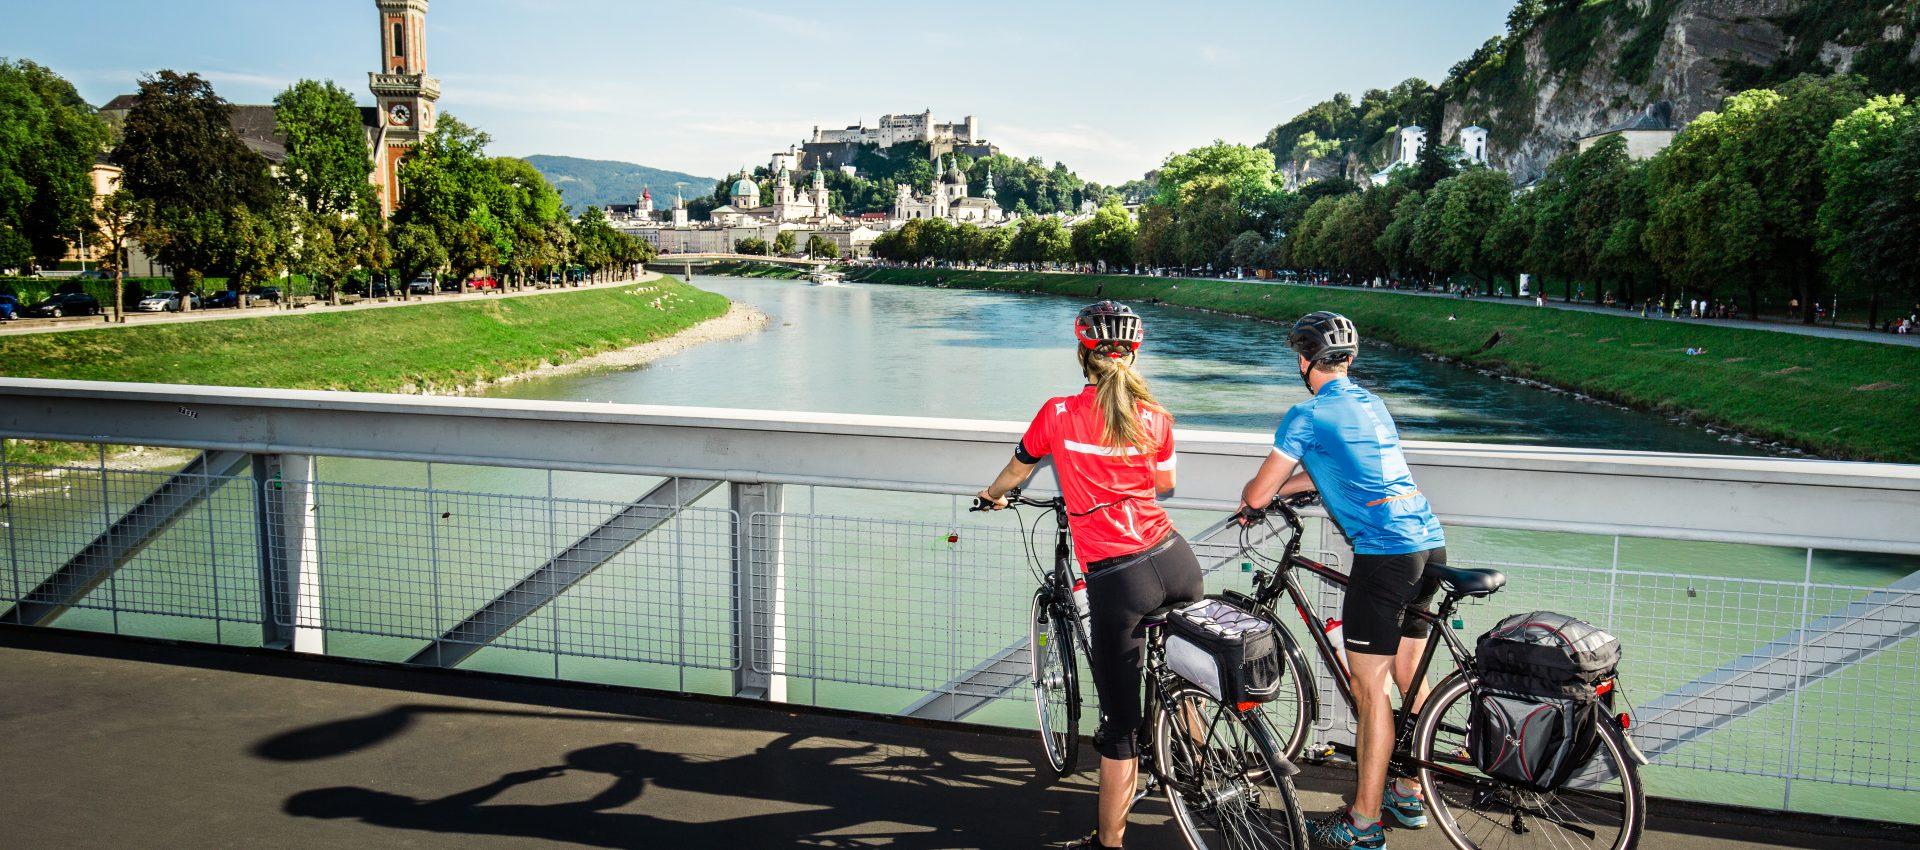 © SalzburgerLand Muellnersteg, zwei Radfahrer blicken zur Festung